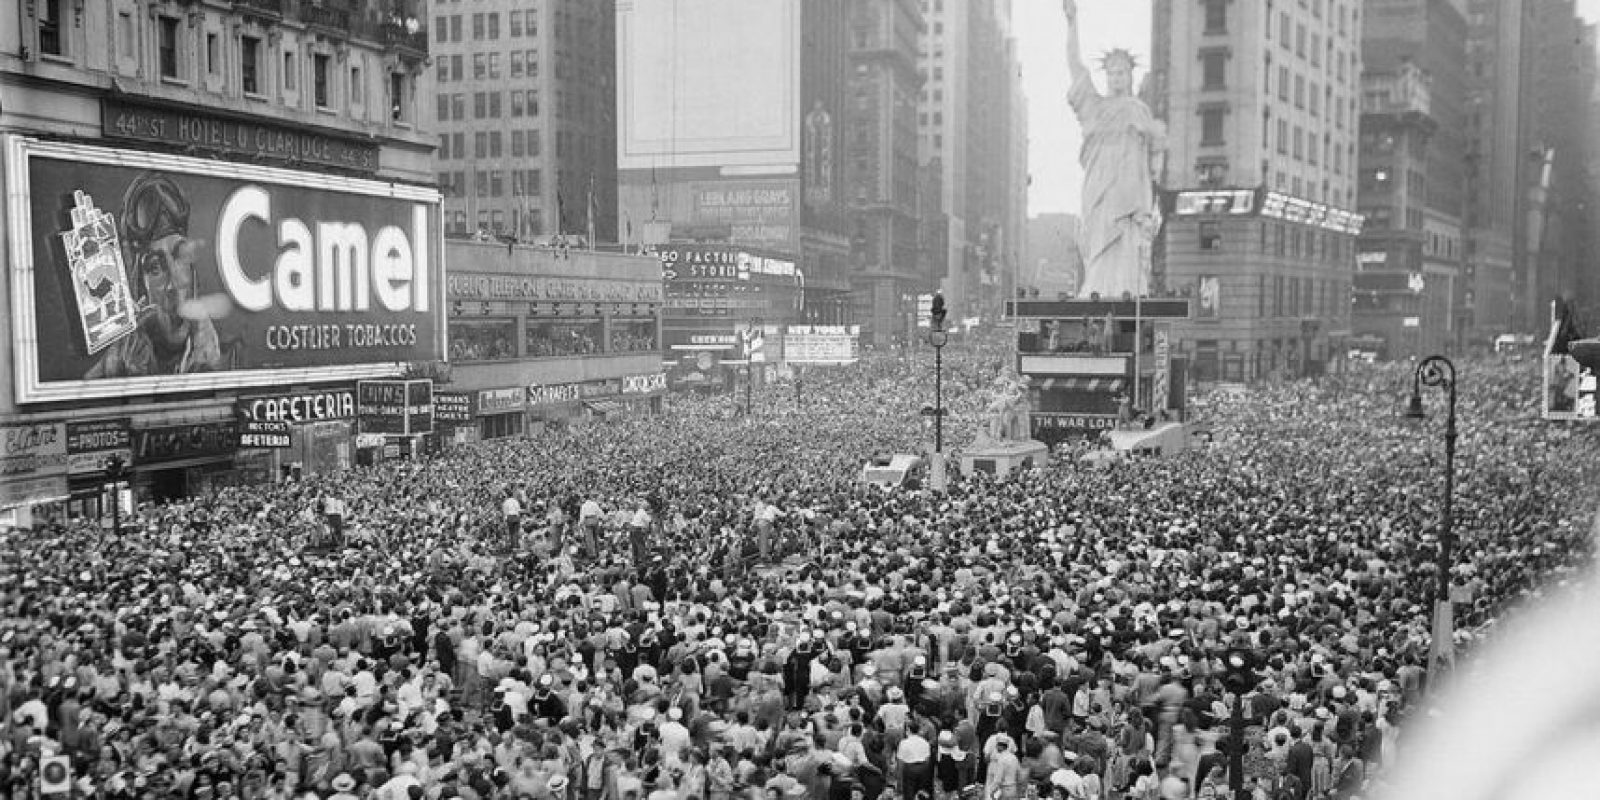 Esta es una toma de el 14 de agosto de 1945 Foto:twitter.com/EpicCosmos